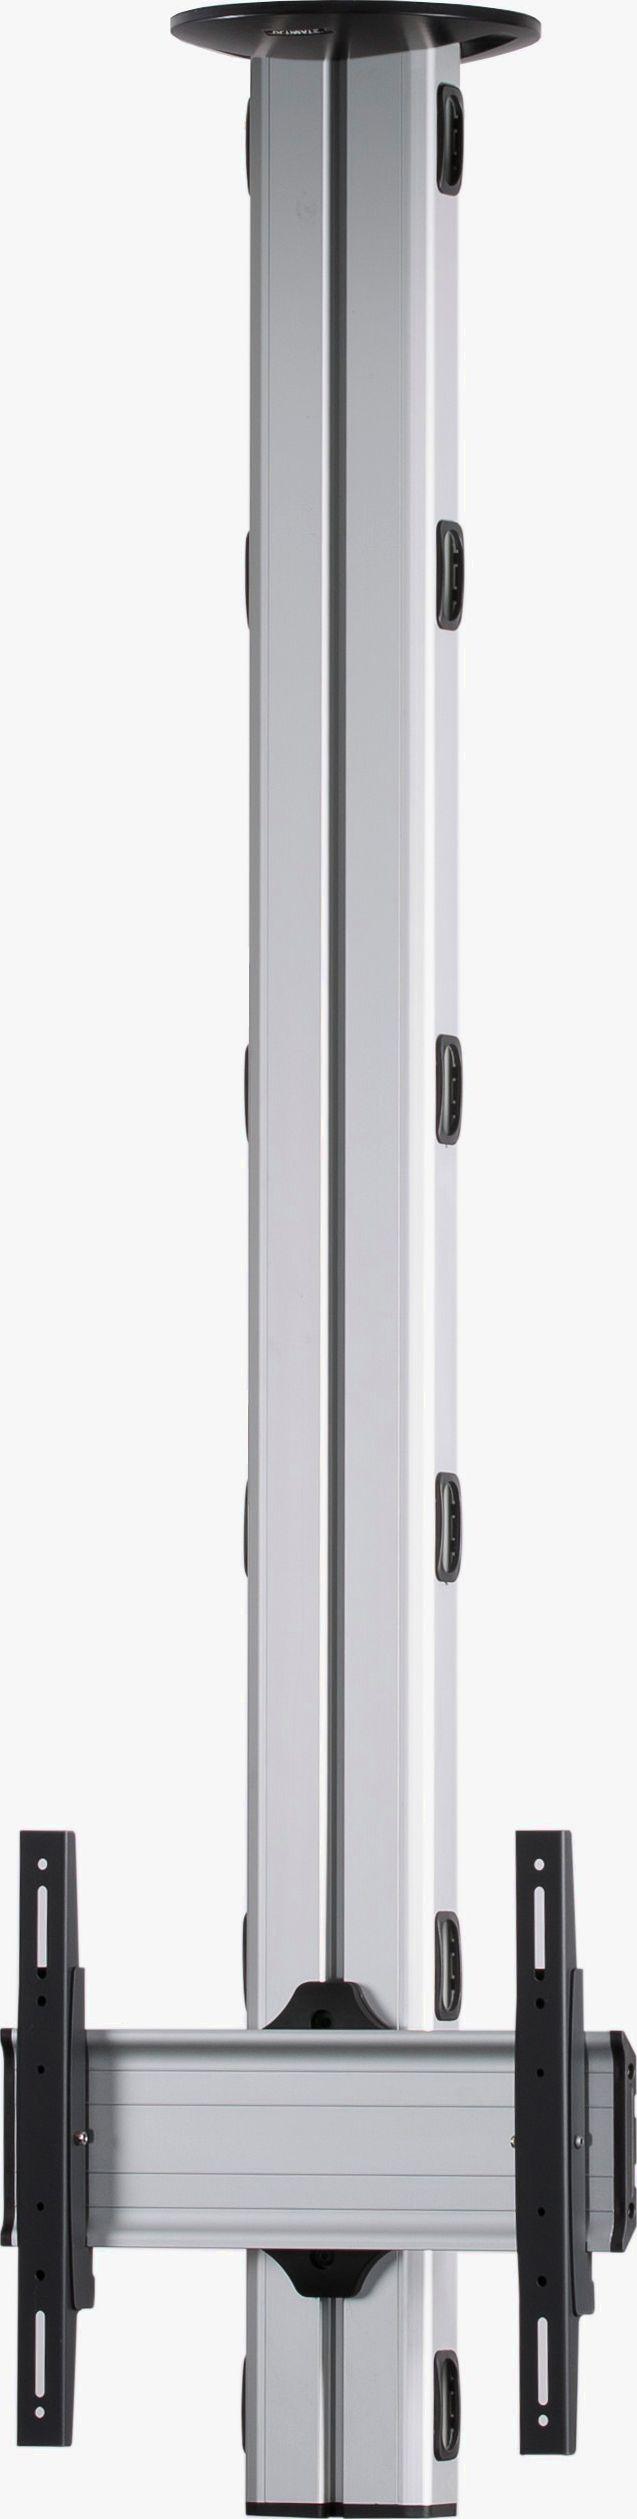 1 Display 1×1, Höhe 180 cm, Standard-VESA, zur Deckenbefestigung